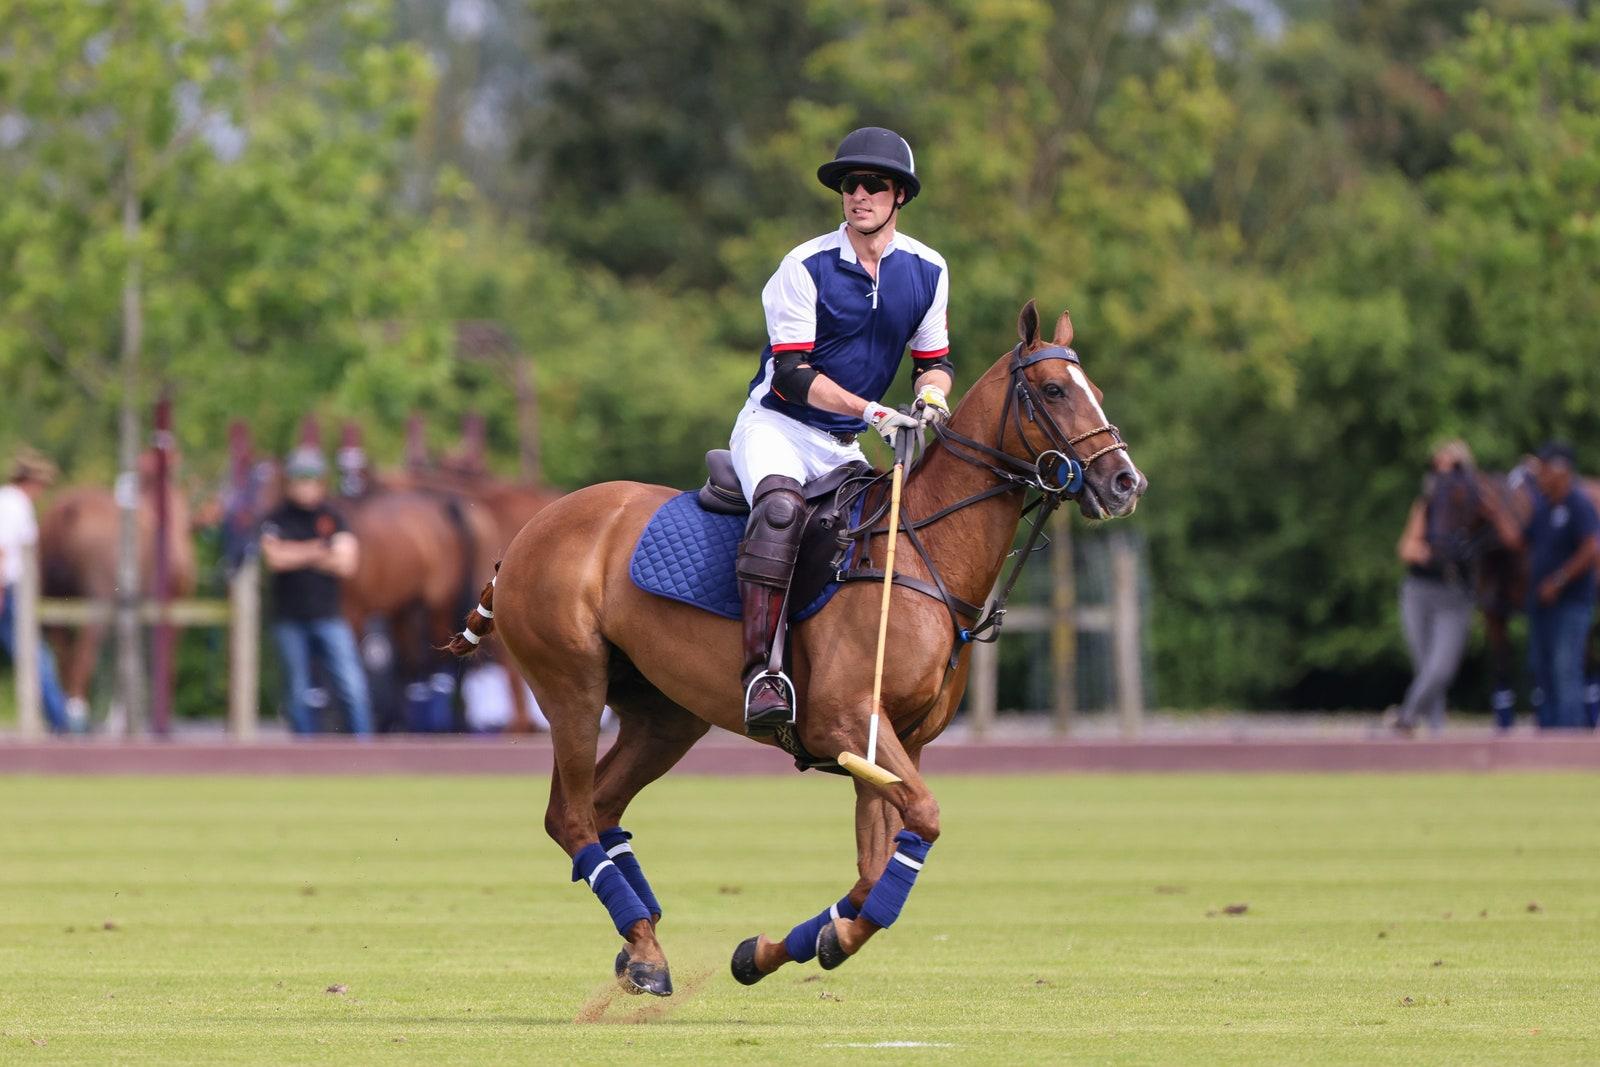 Książę William na Royal Charity Polo Cup 2021 w Guards Polo Club + więcej